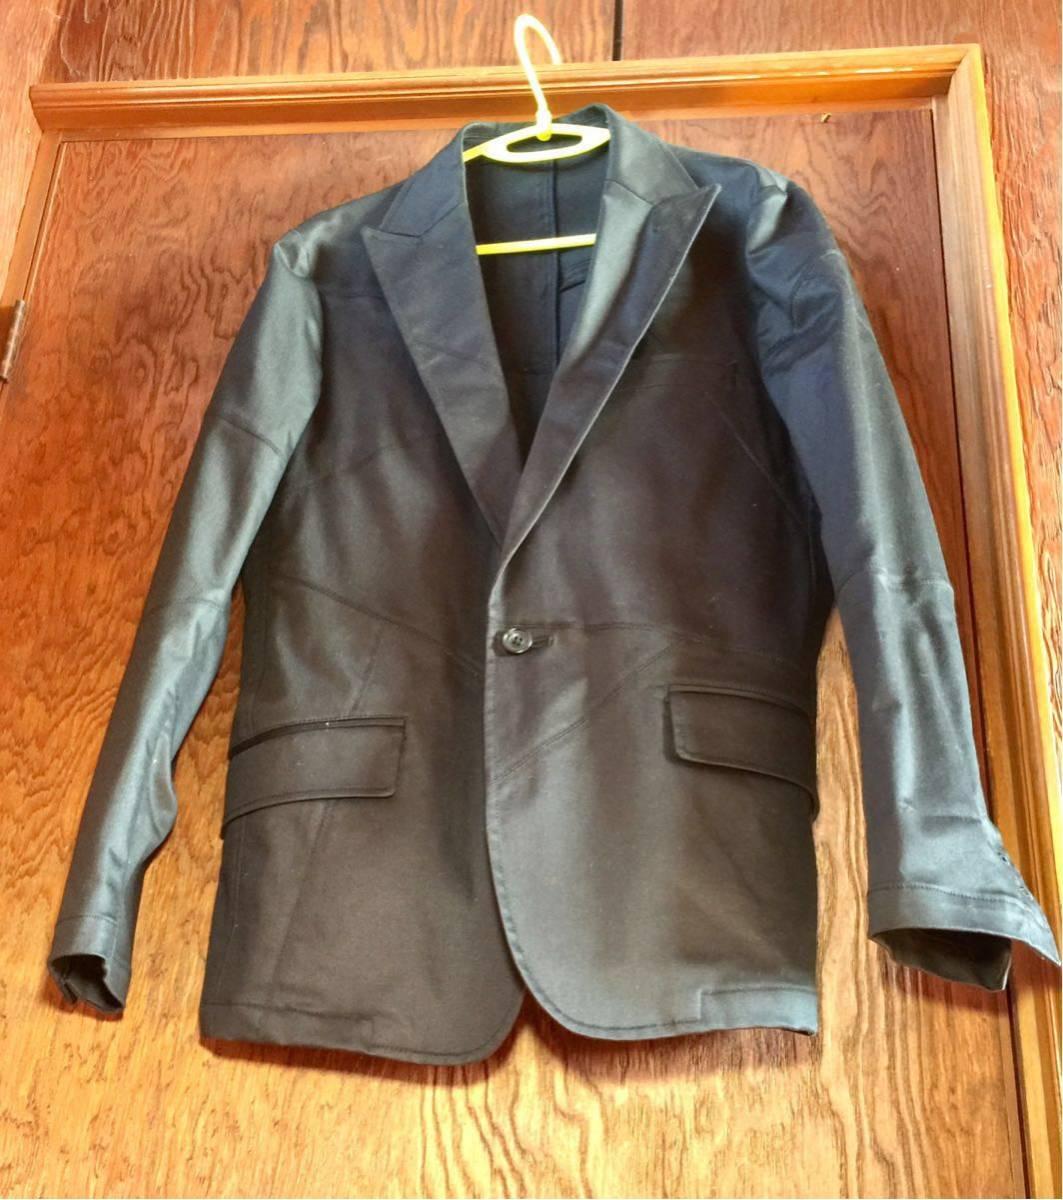 美品 EDGE RUPERT パッチワーク加工 テーラード ジャケット サイズL カラー黒色系 つぎはぎ加工 ワンボタン 本切羽仕様 ルパート_画像4